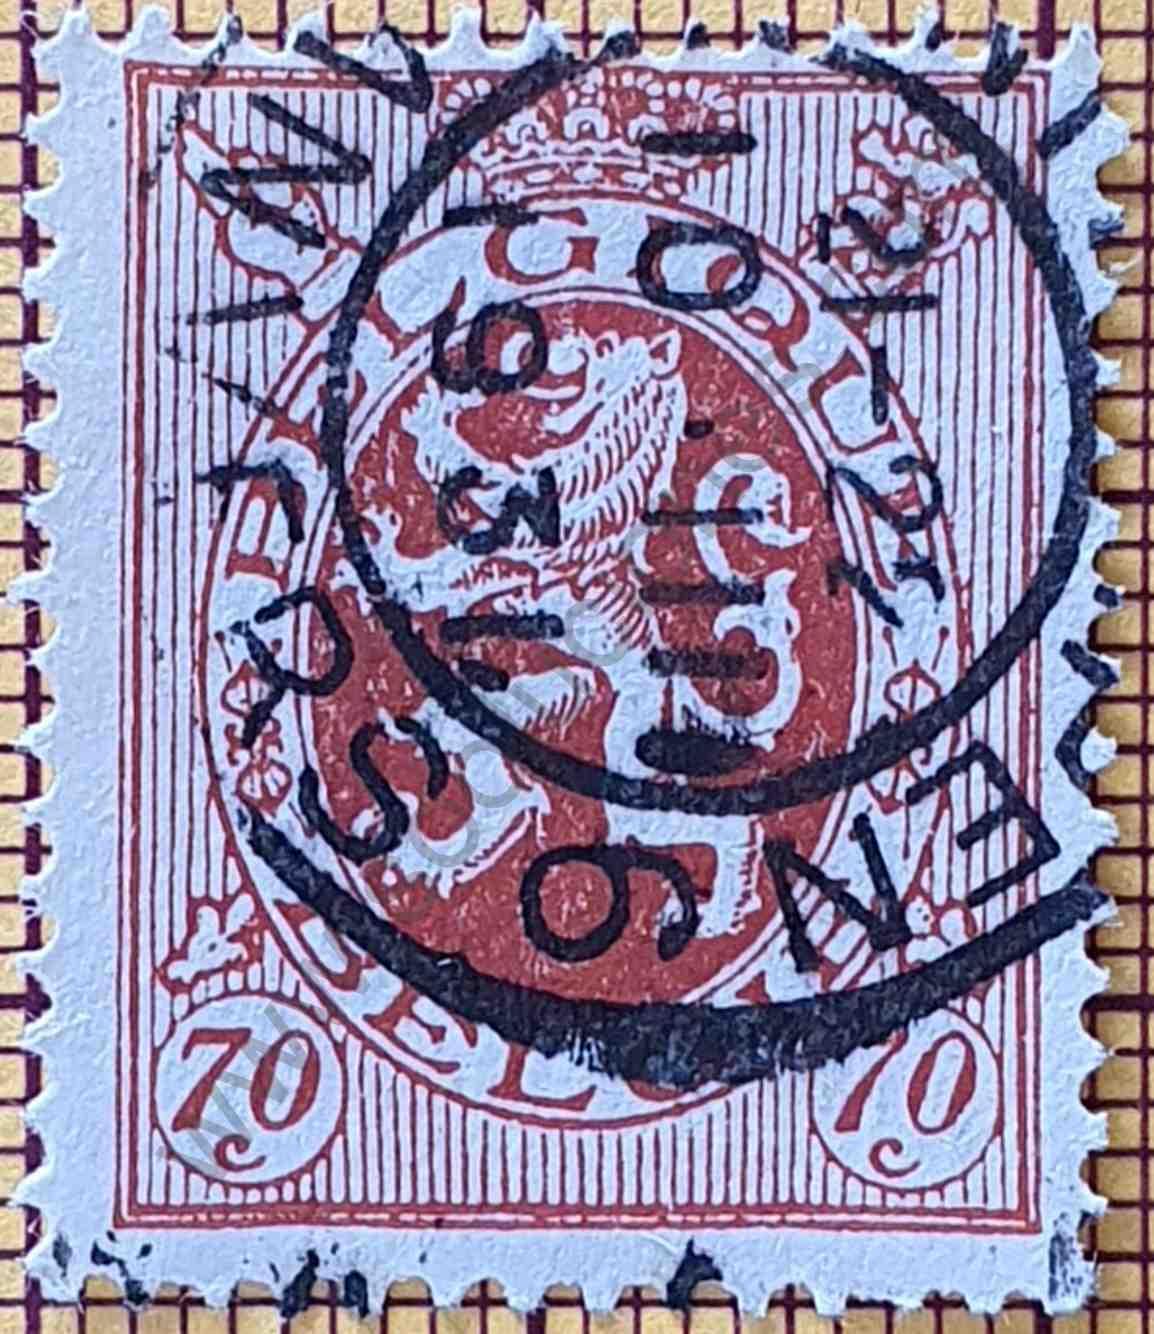 León Heráldico 70c 1930 - sello de Bélgica